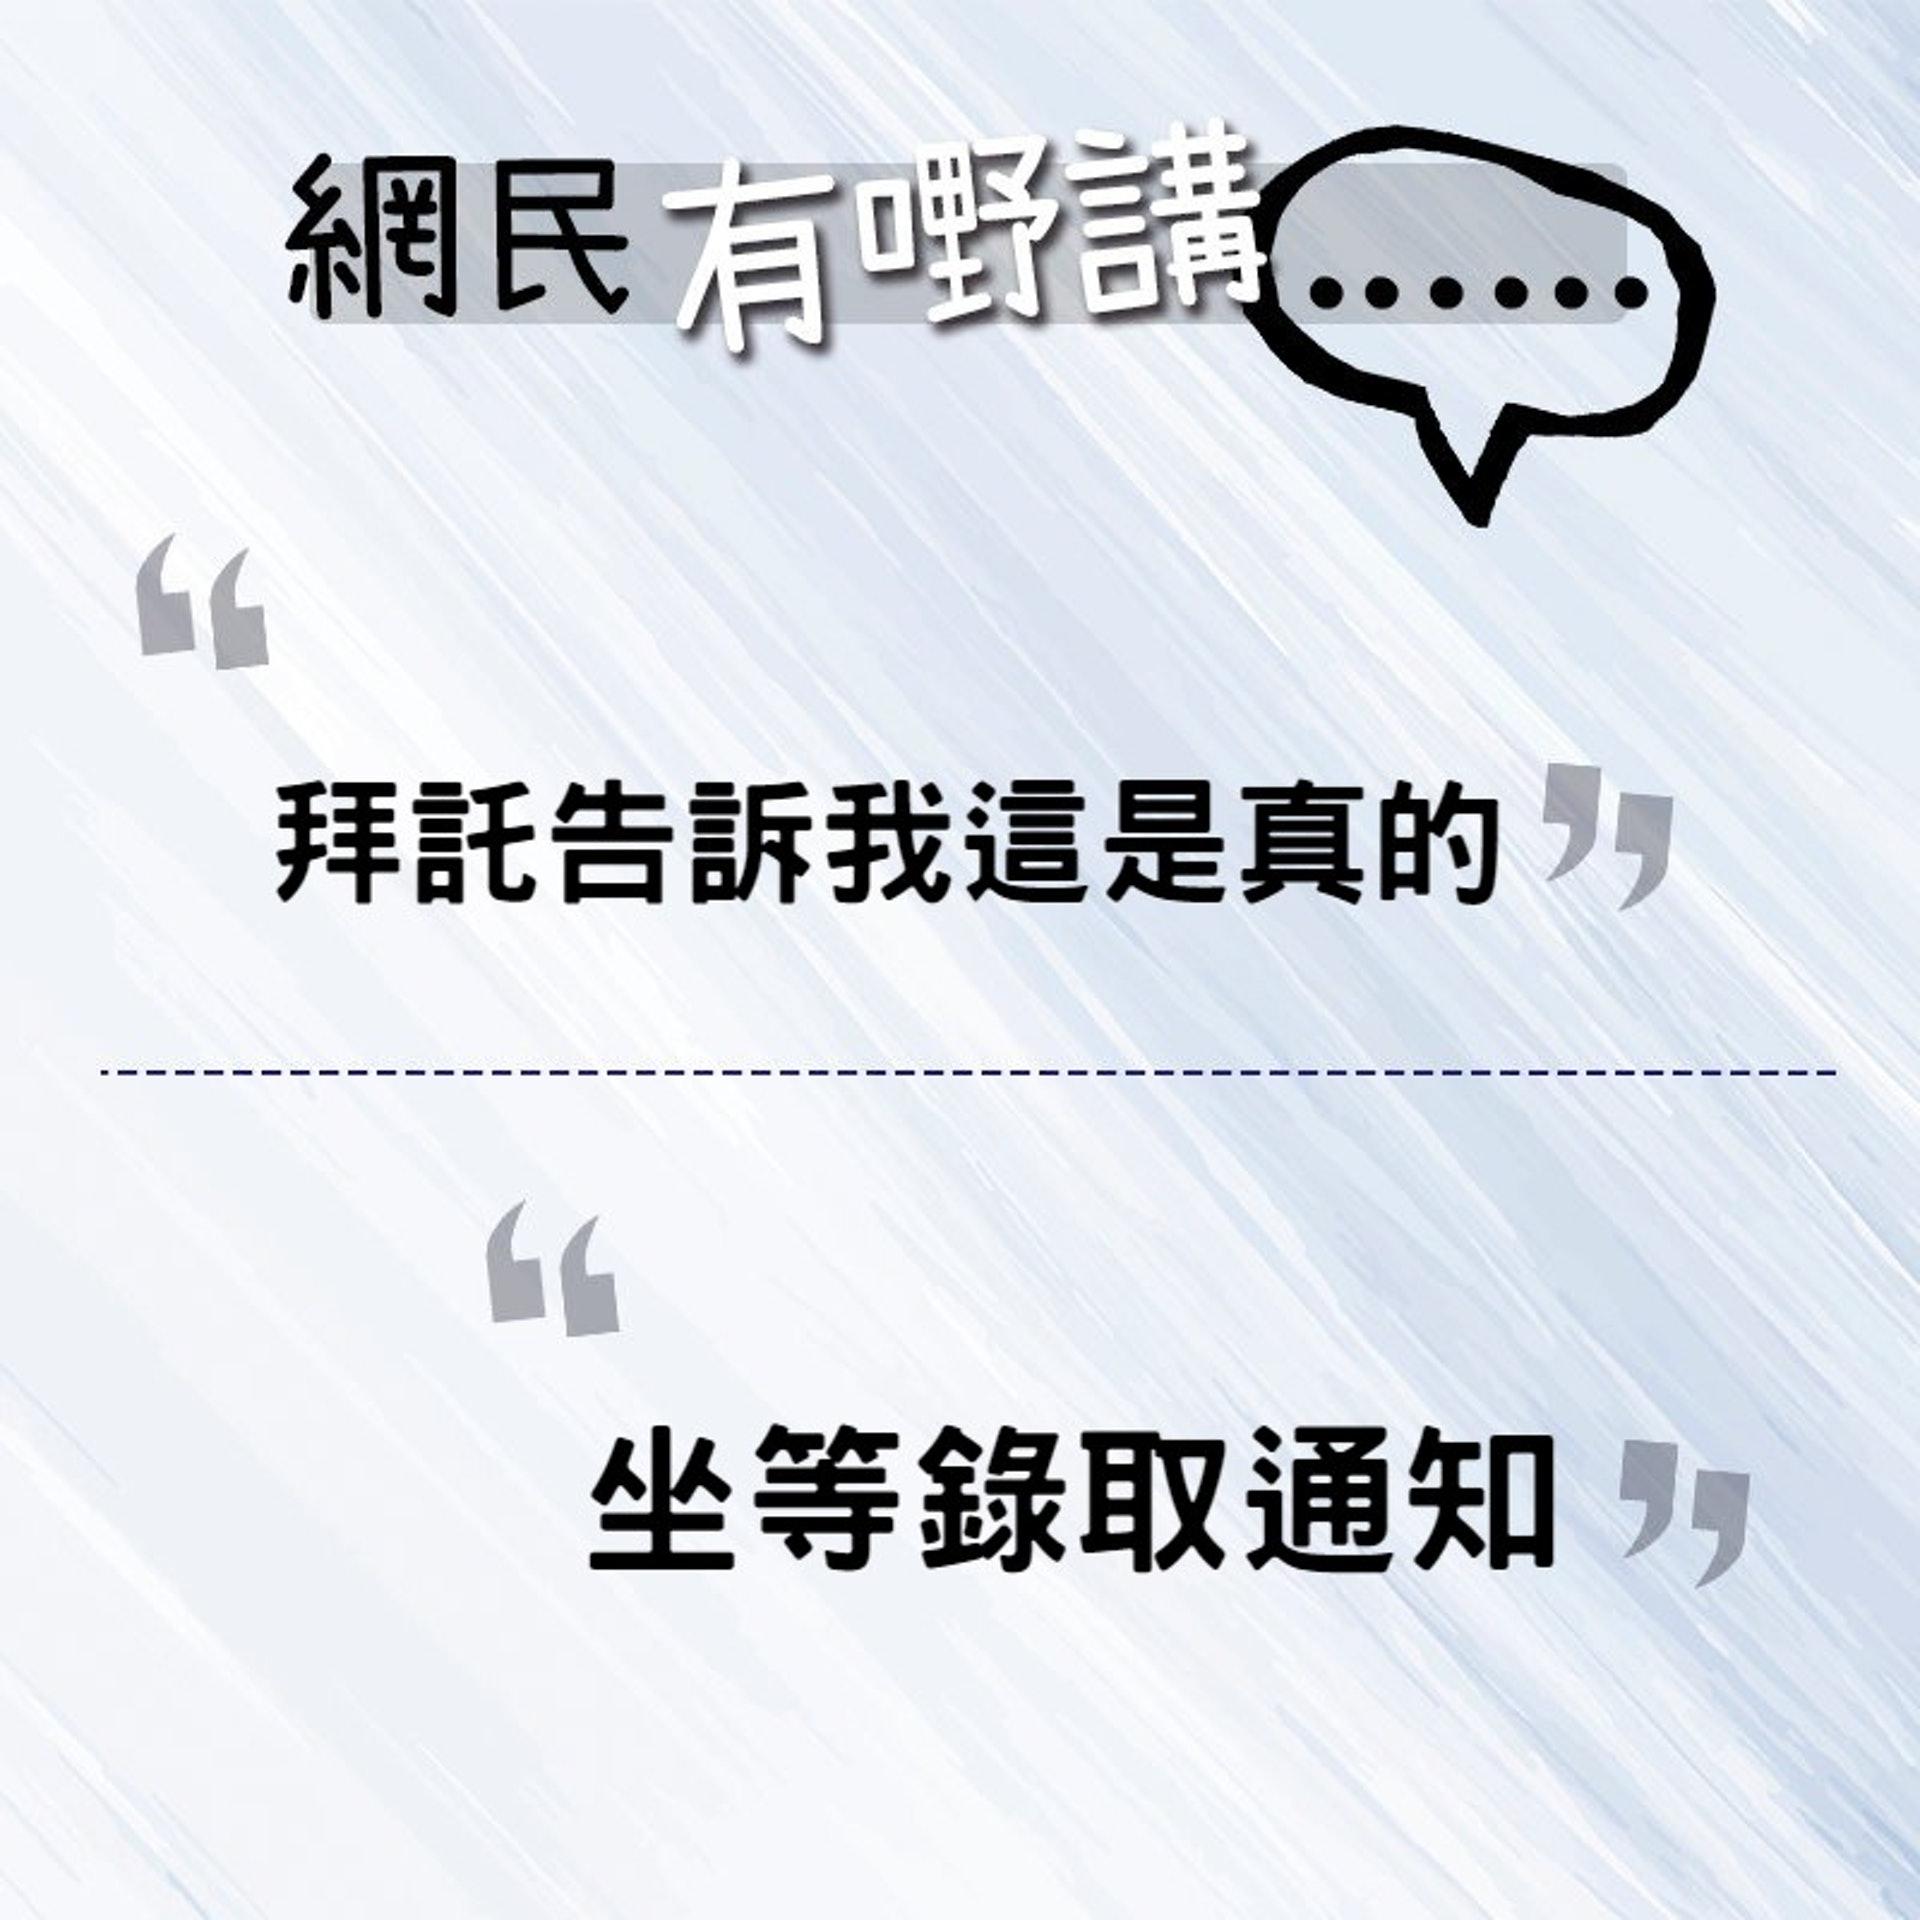 「拜託告訴我這是真的」,「坐等錄取通知」(香港01製圖)